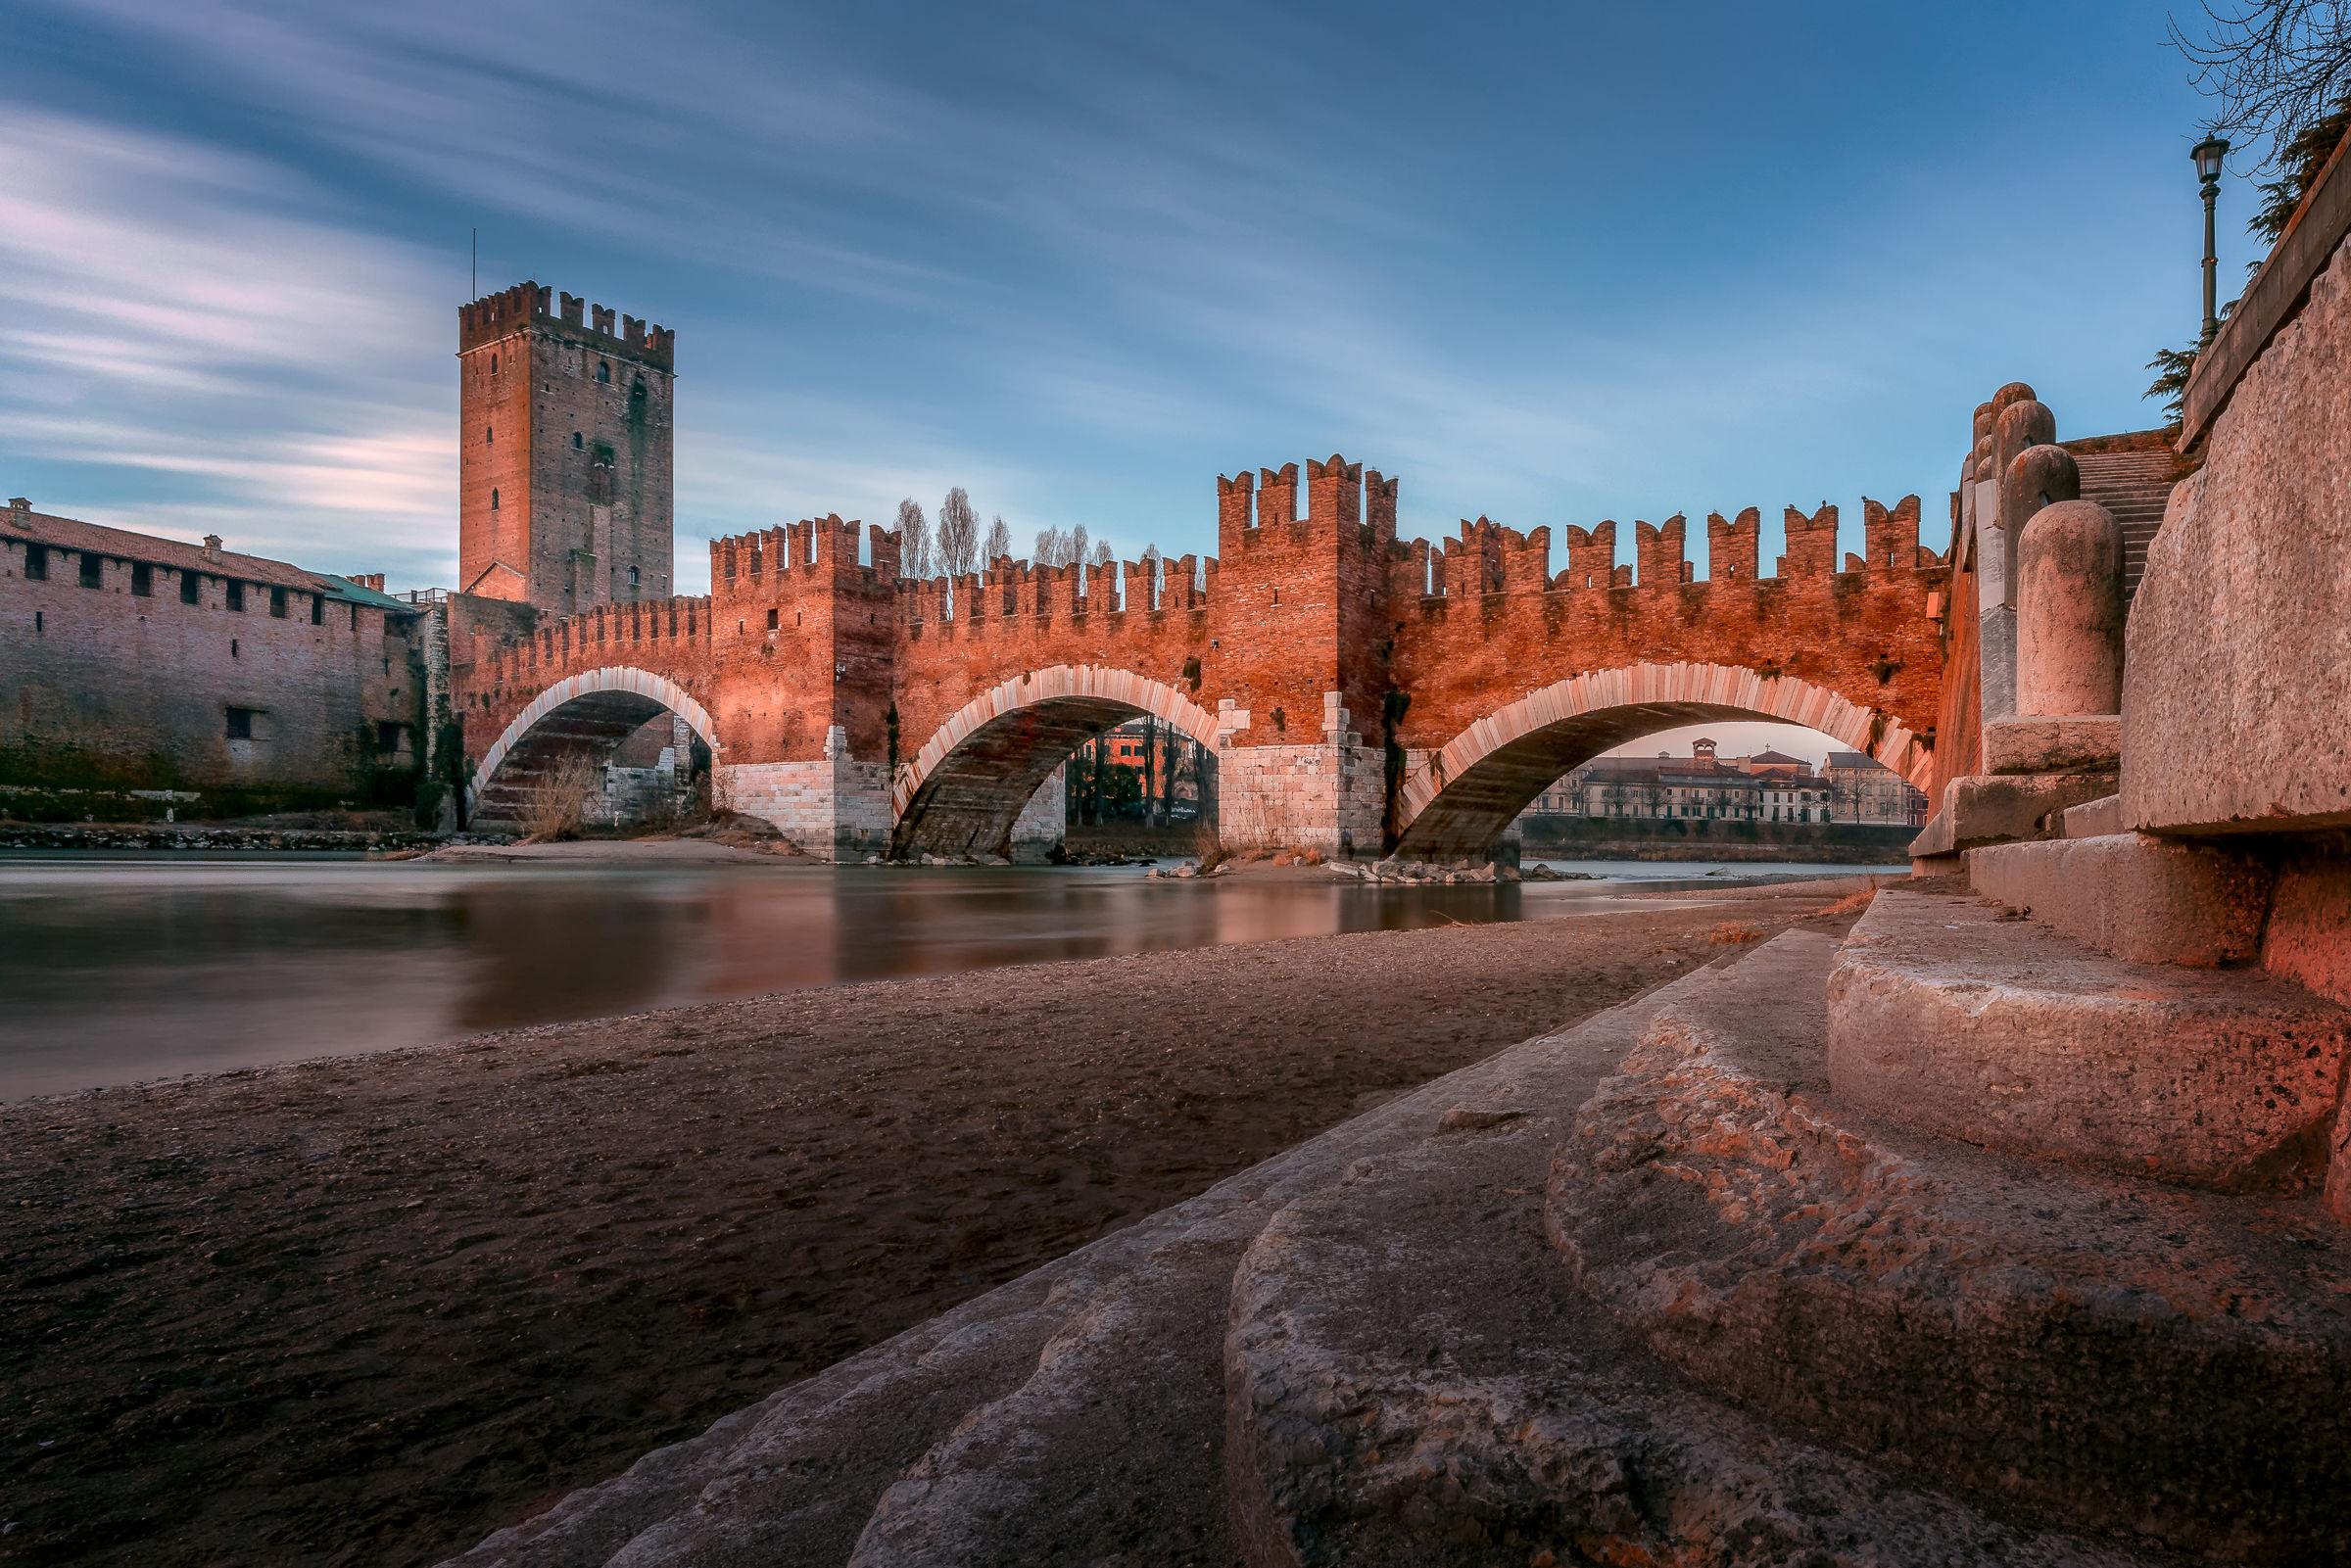 Castelvecchio-Verona...